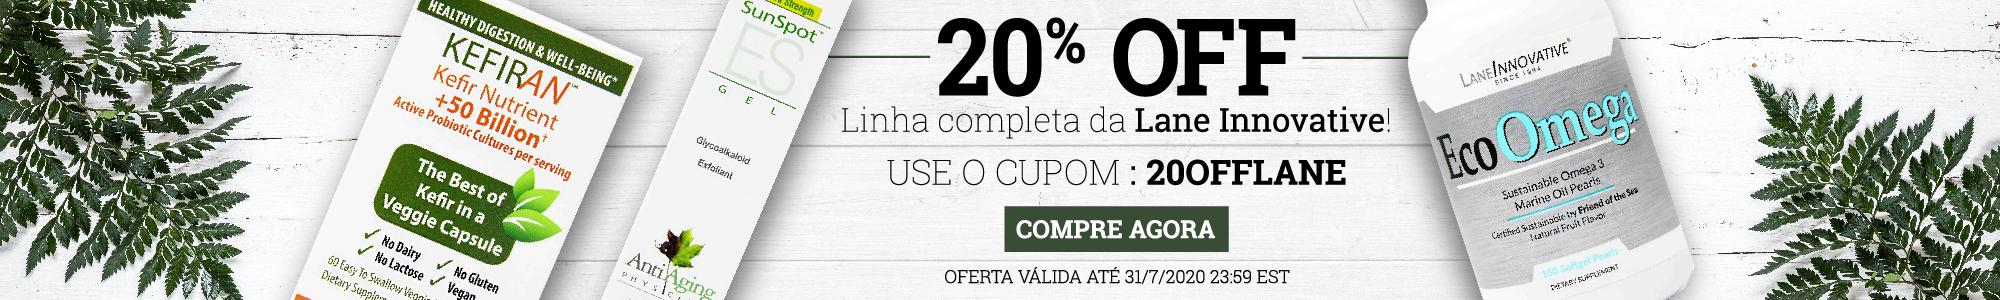 20% OFF Linha completa da Lane Innovative. Use o cupom: 20offlane. Compre agora. Oferta Válida até: 31/07/2020, 23:59 EST.